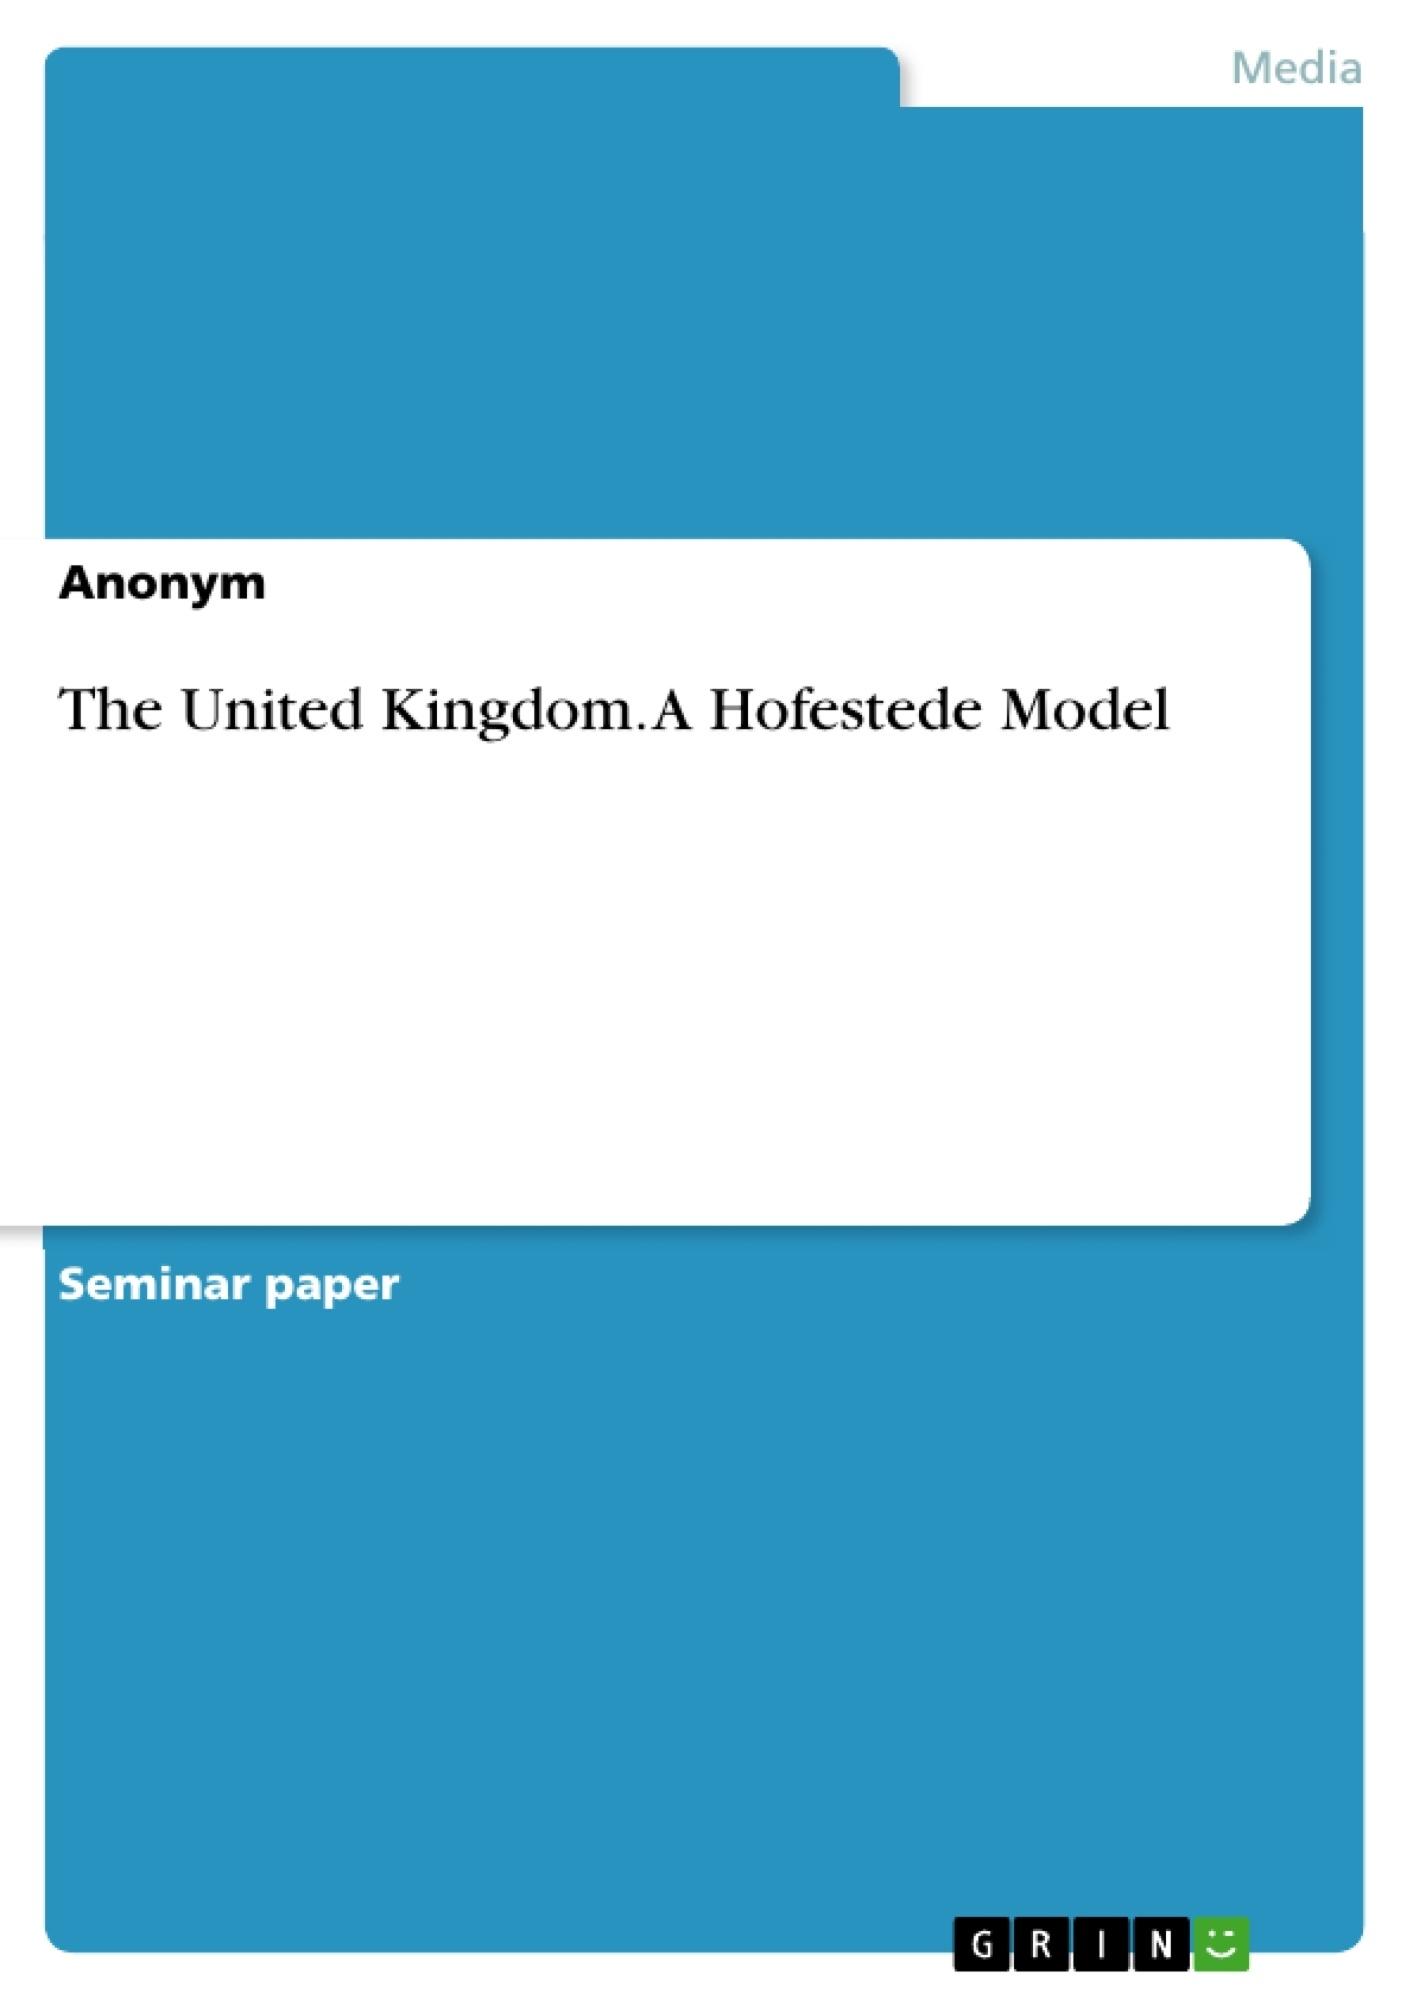 Title: The United Kingdom. A Hofestede Model